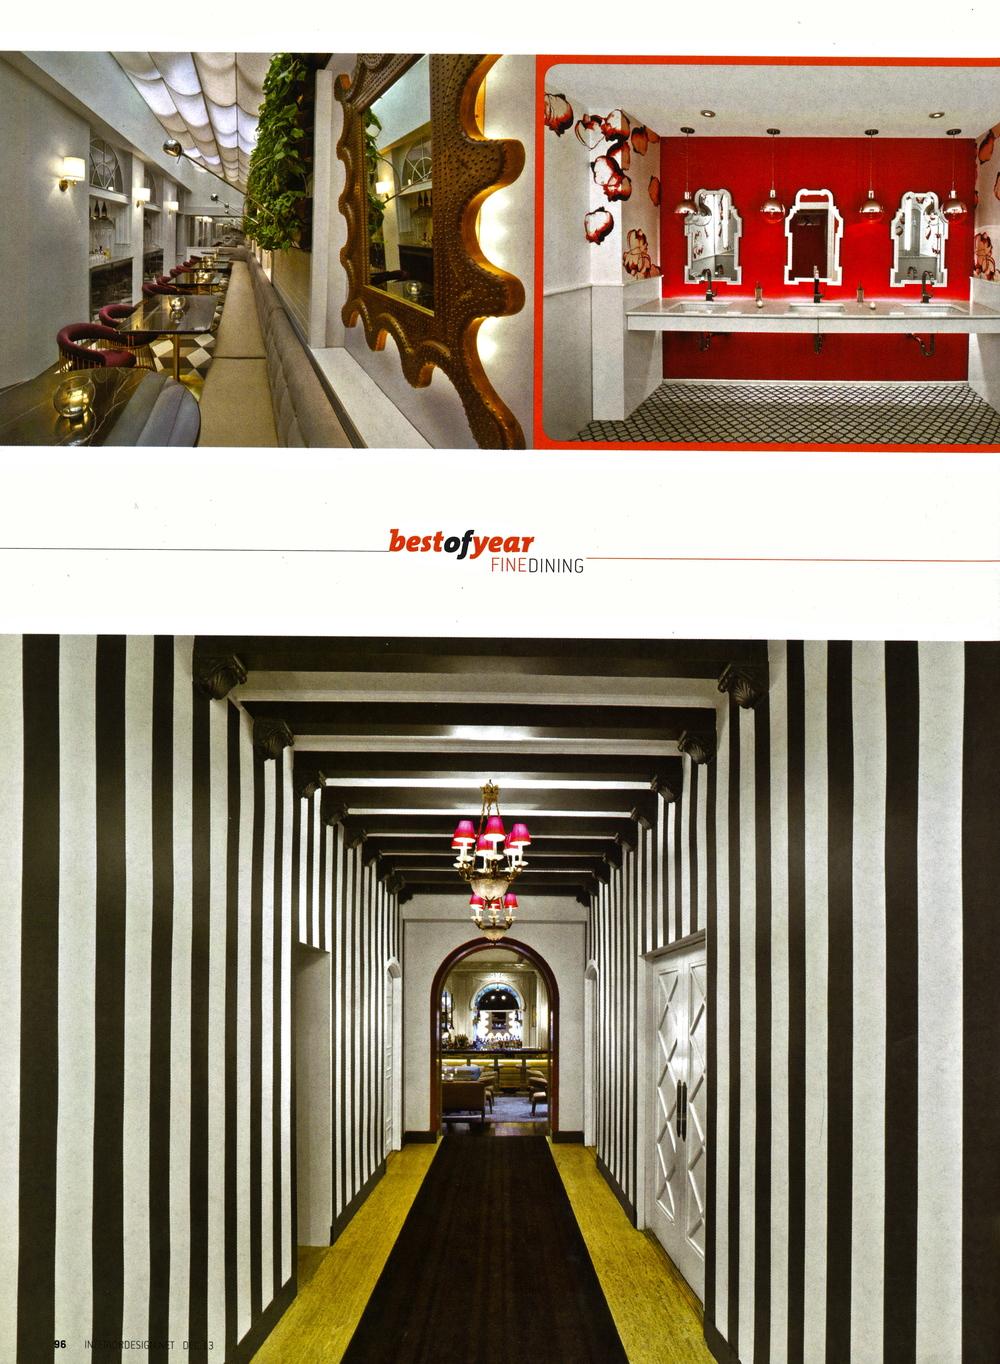 Interior Design_Dec 2013-1.jpg